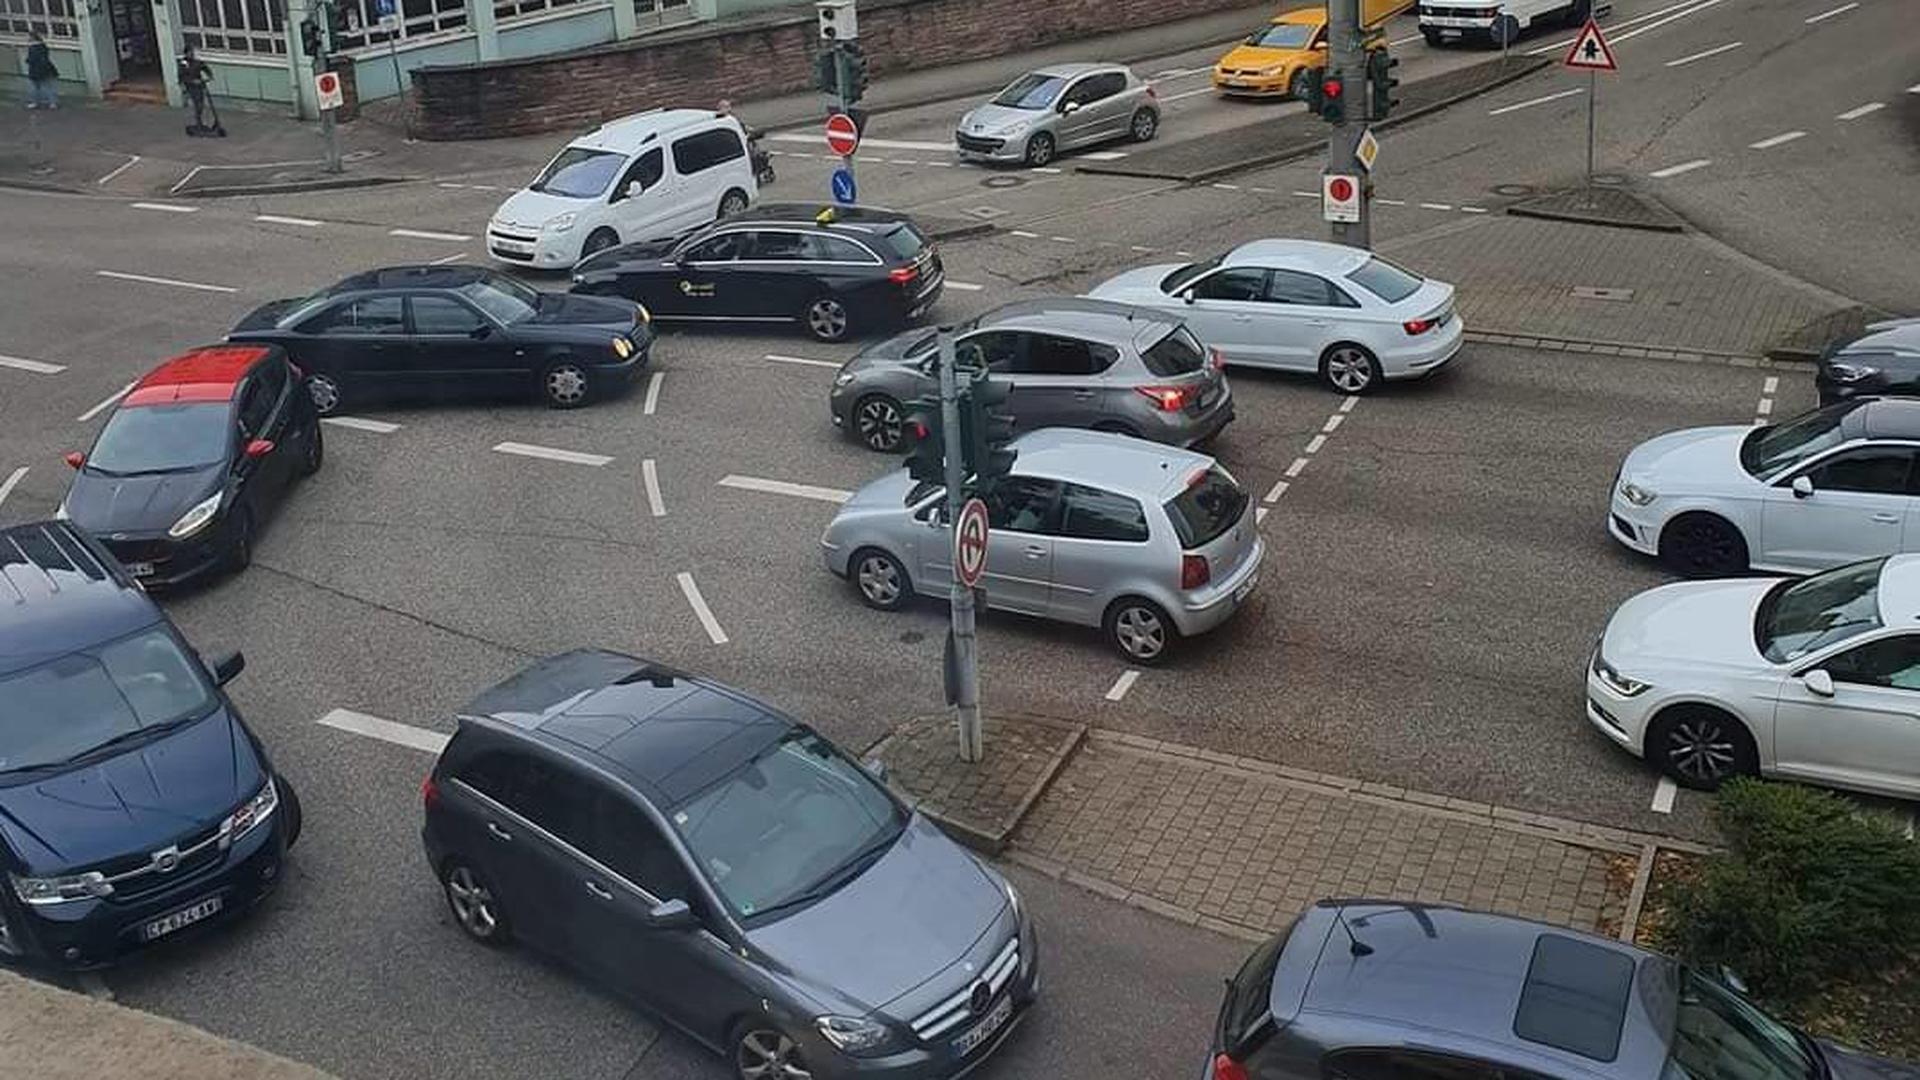 Kreuzungschaos am Hilberthof: Weil Autofahrer in die volle Kreuzung drängen, blockieren sich am Ende alle gegenseitig.